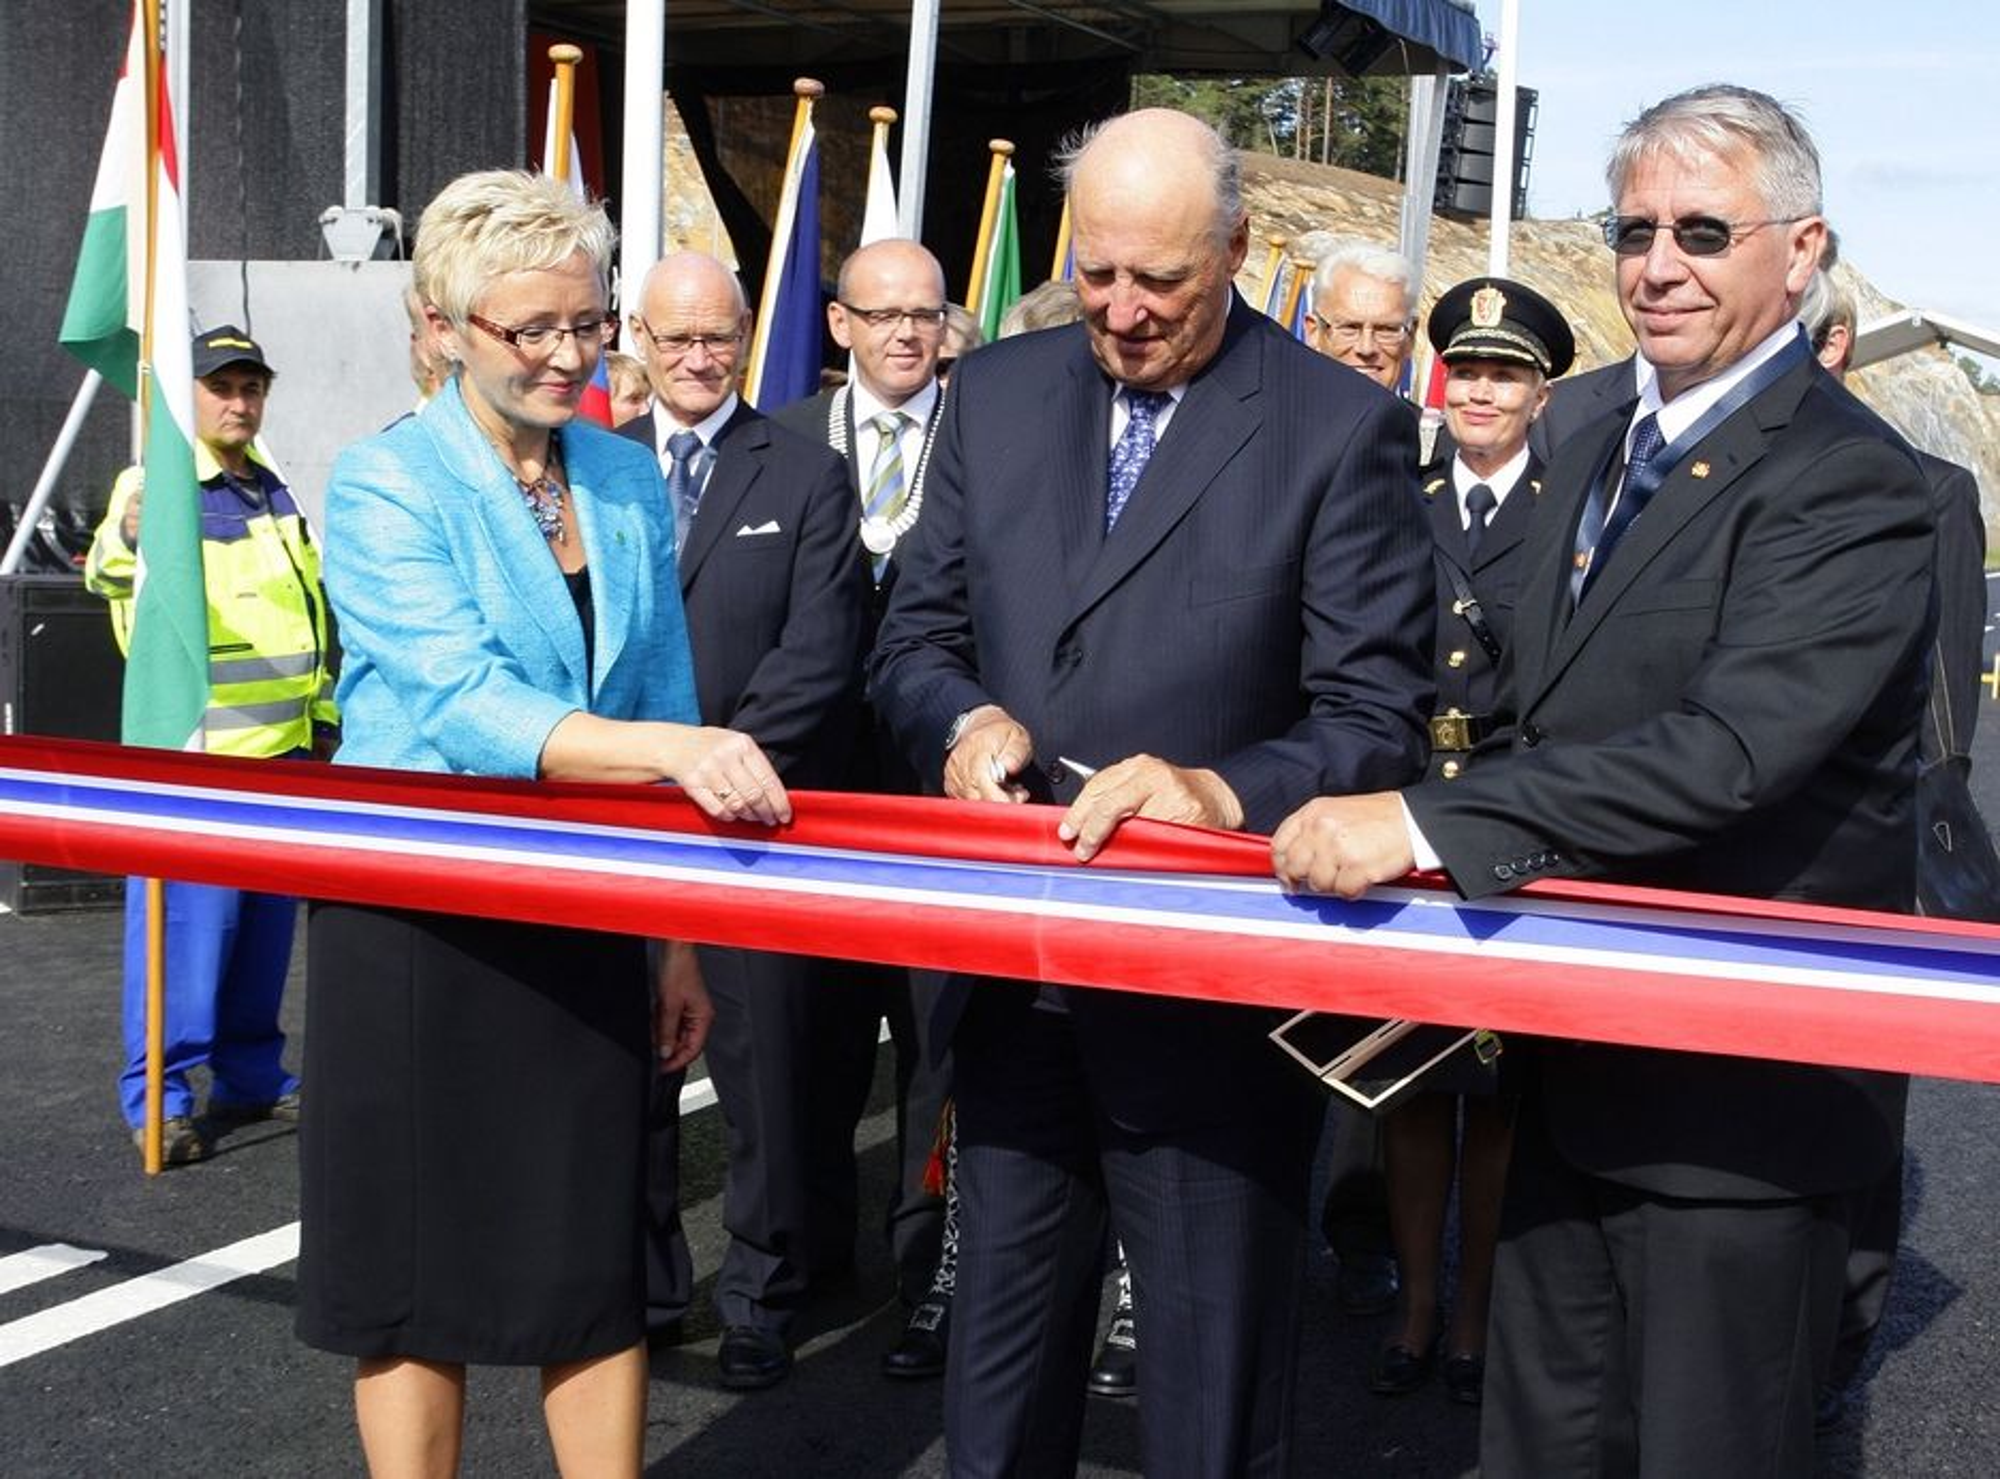 SISTE: Sammen med daværende samferdselsminister Liv Signe Navarsete og vegdirektør Terje Moe Gustavsen åpnet Kong Harald det tredje og siste OPS-prosjektet i august i fjor. Det er strekningen Grimstad - Kristiansand.